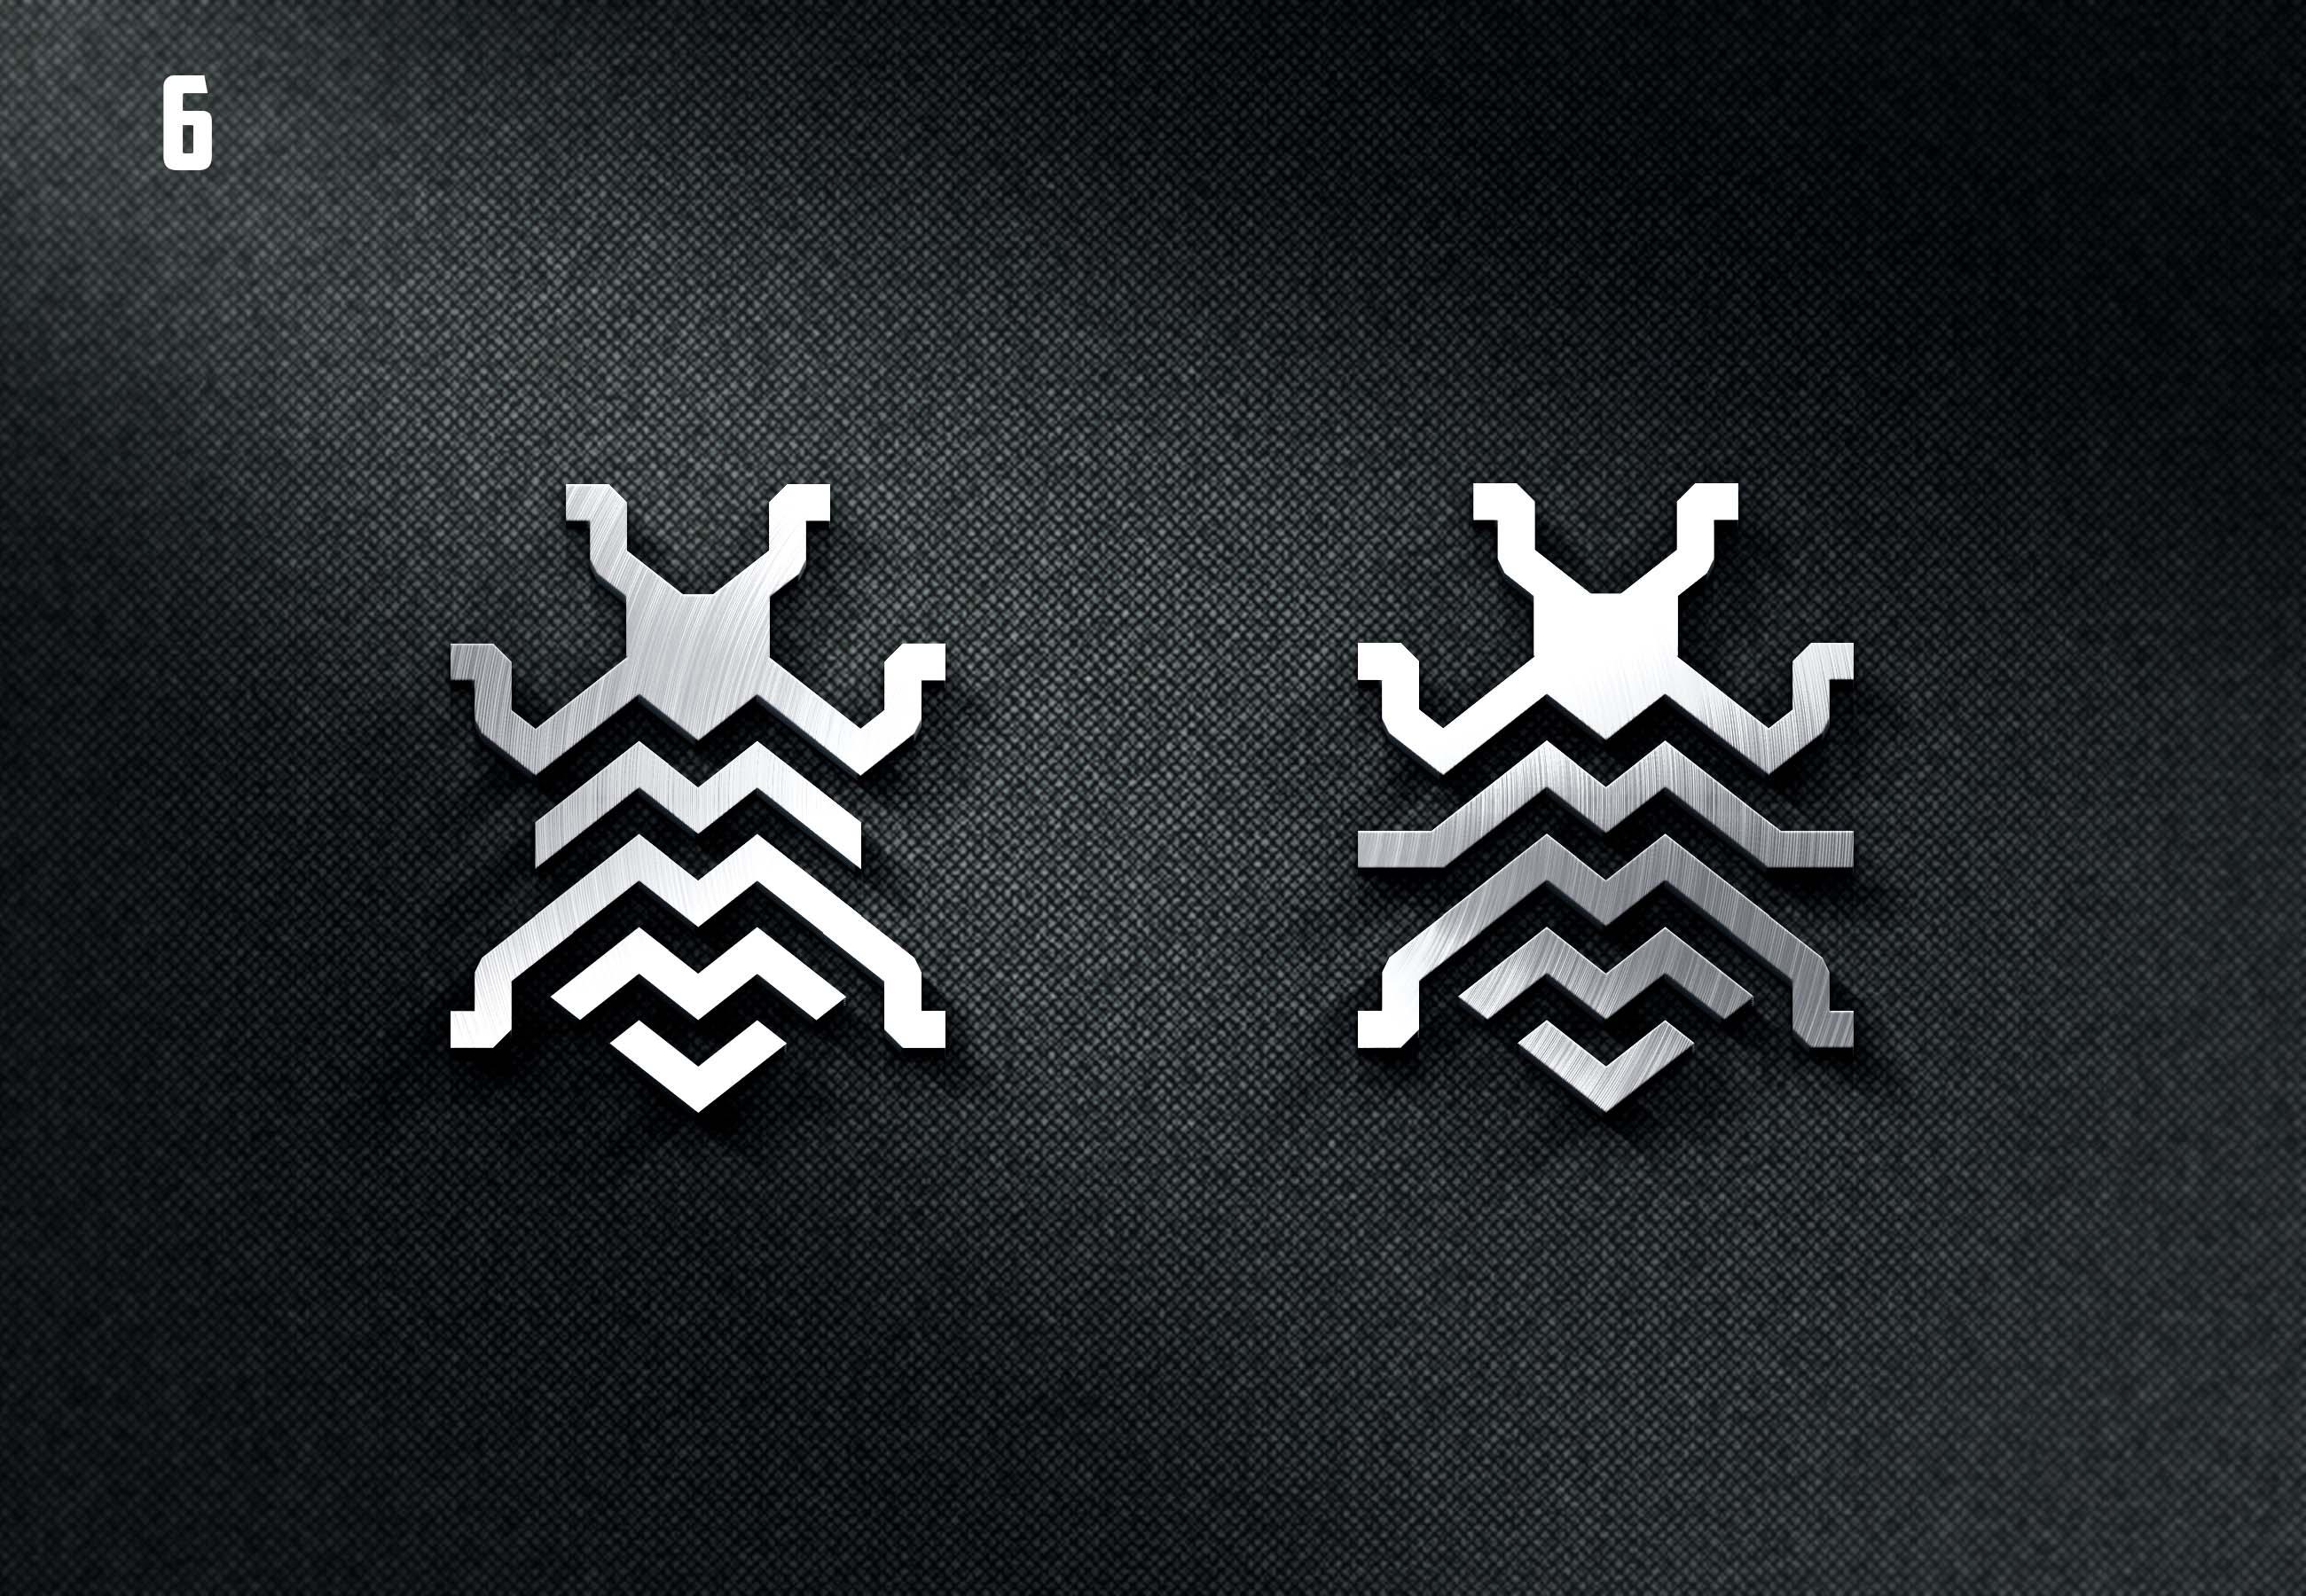 Нужен логотип (эмблема) для самодельного квадроцикла фото f_1815b1033541c516.jpg